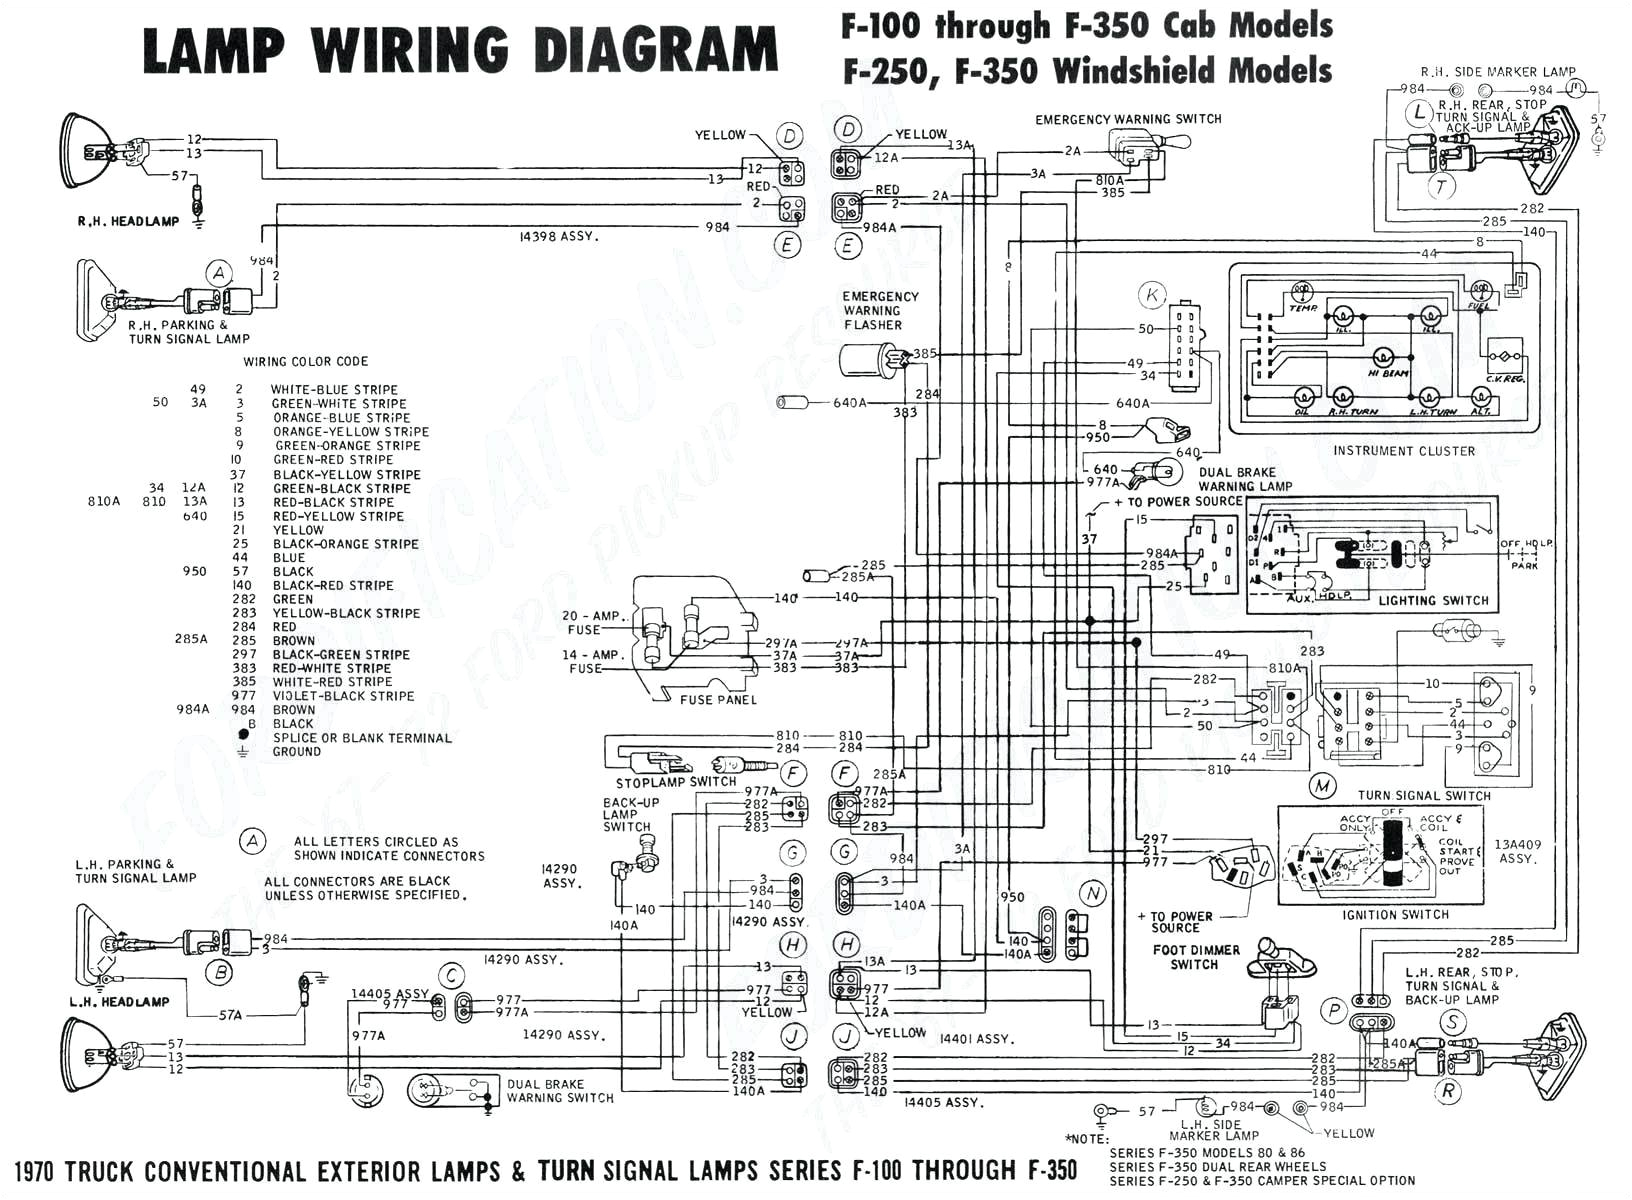 le9 wiring diagram wiring diagram page le9 wiring diagram